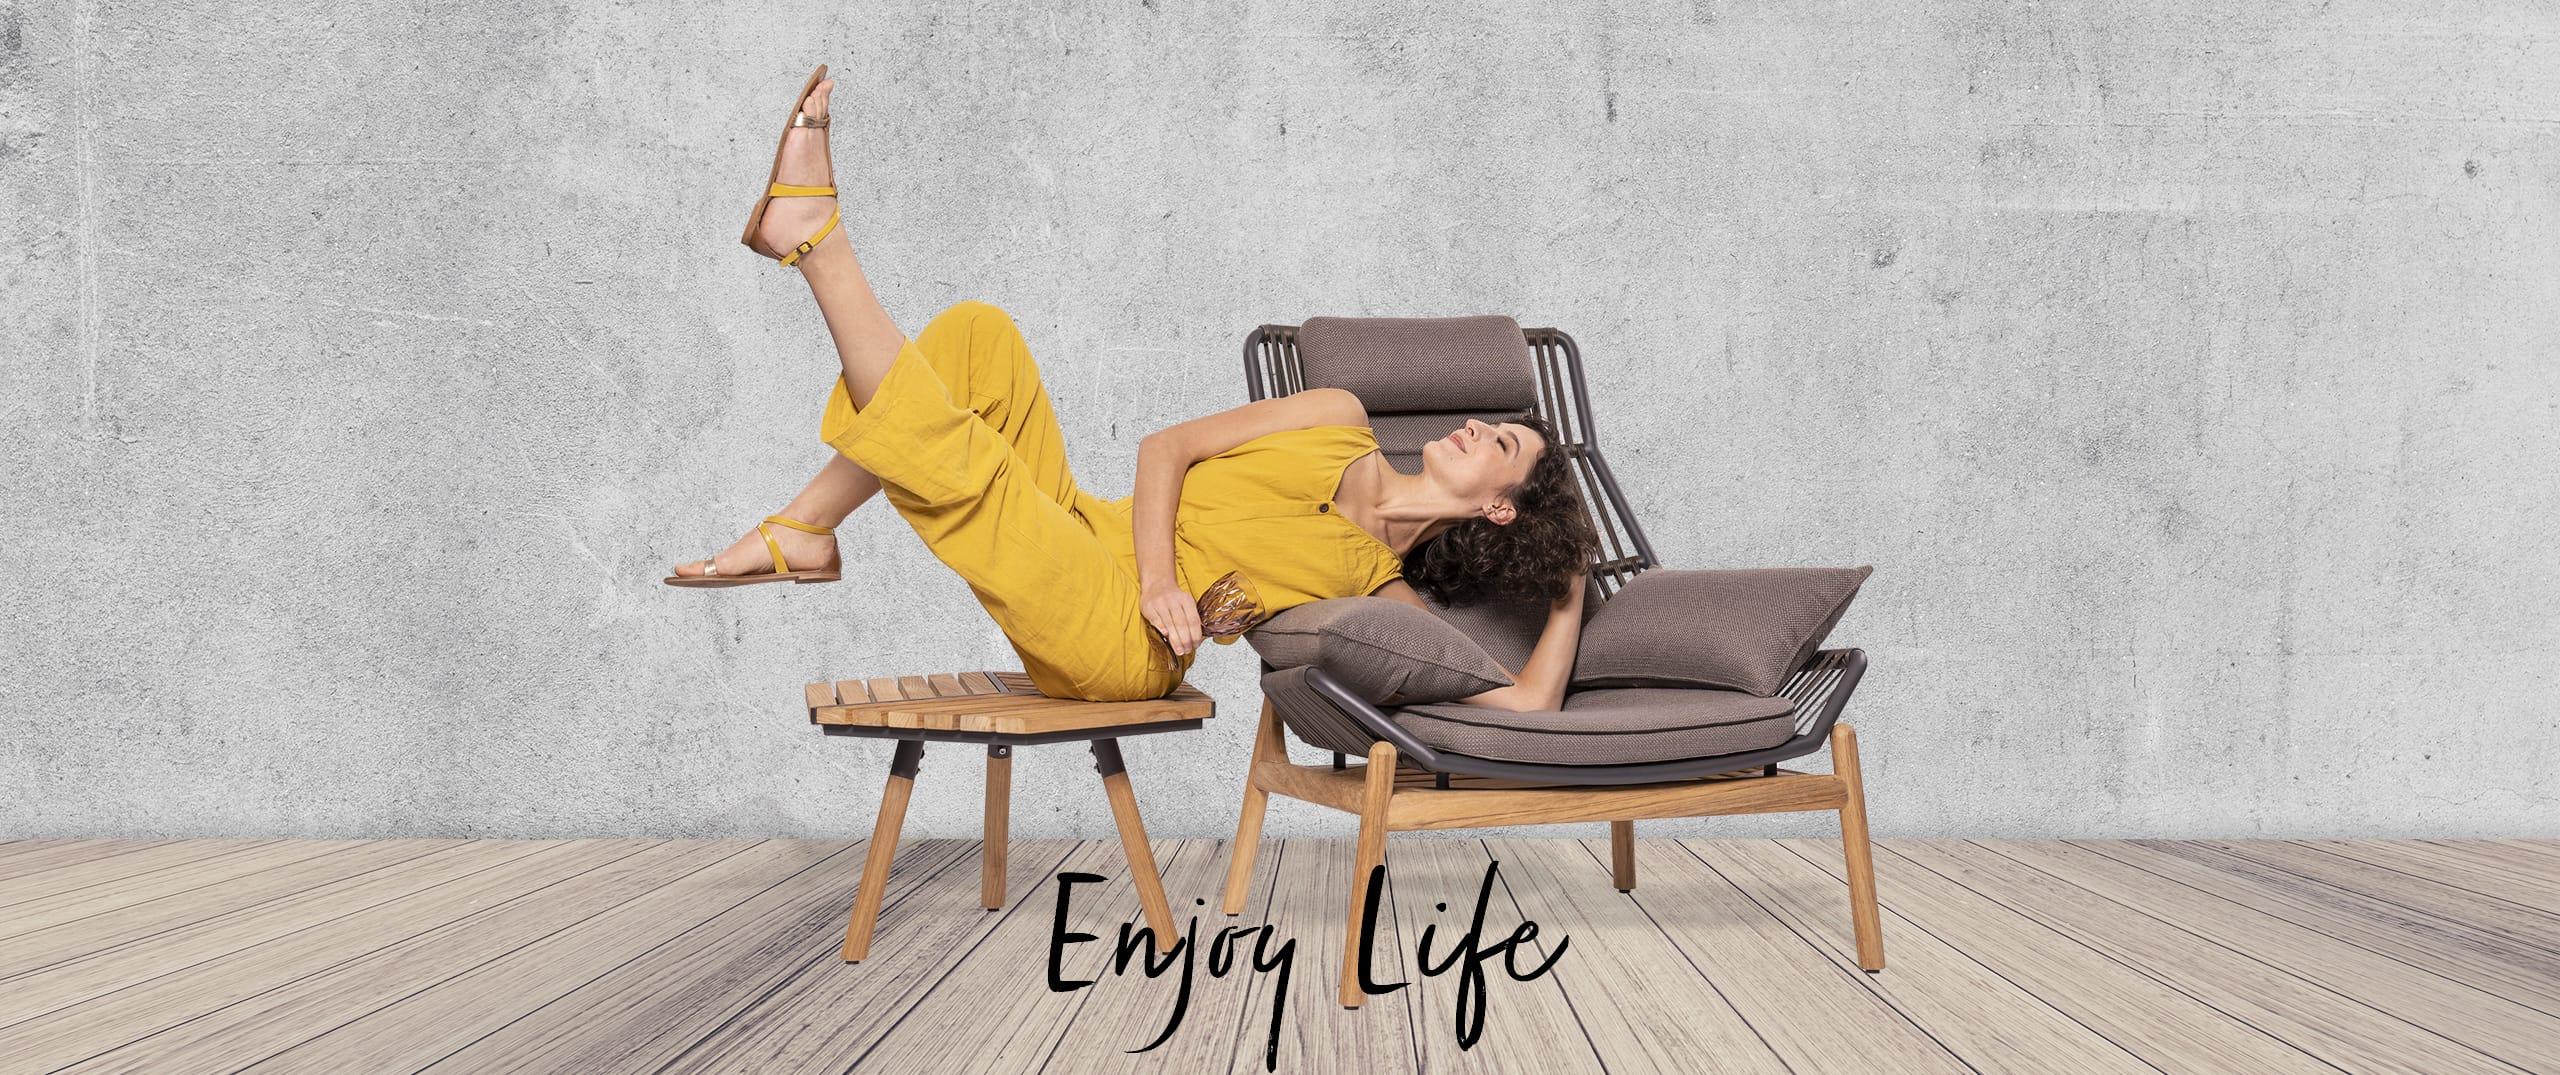 Enjoy_Slide